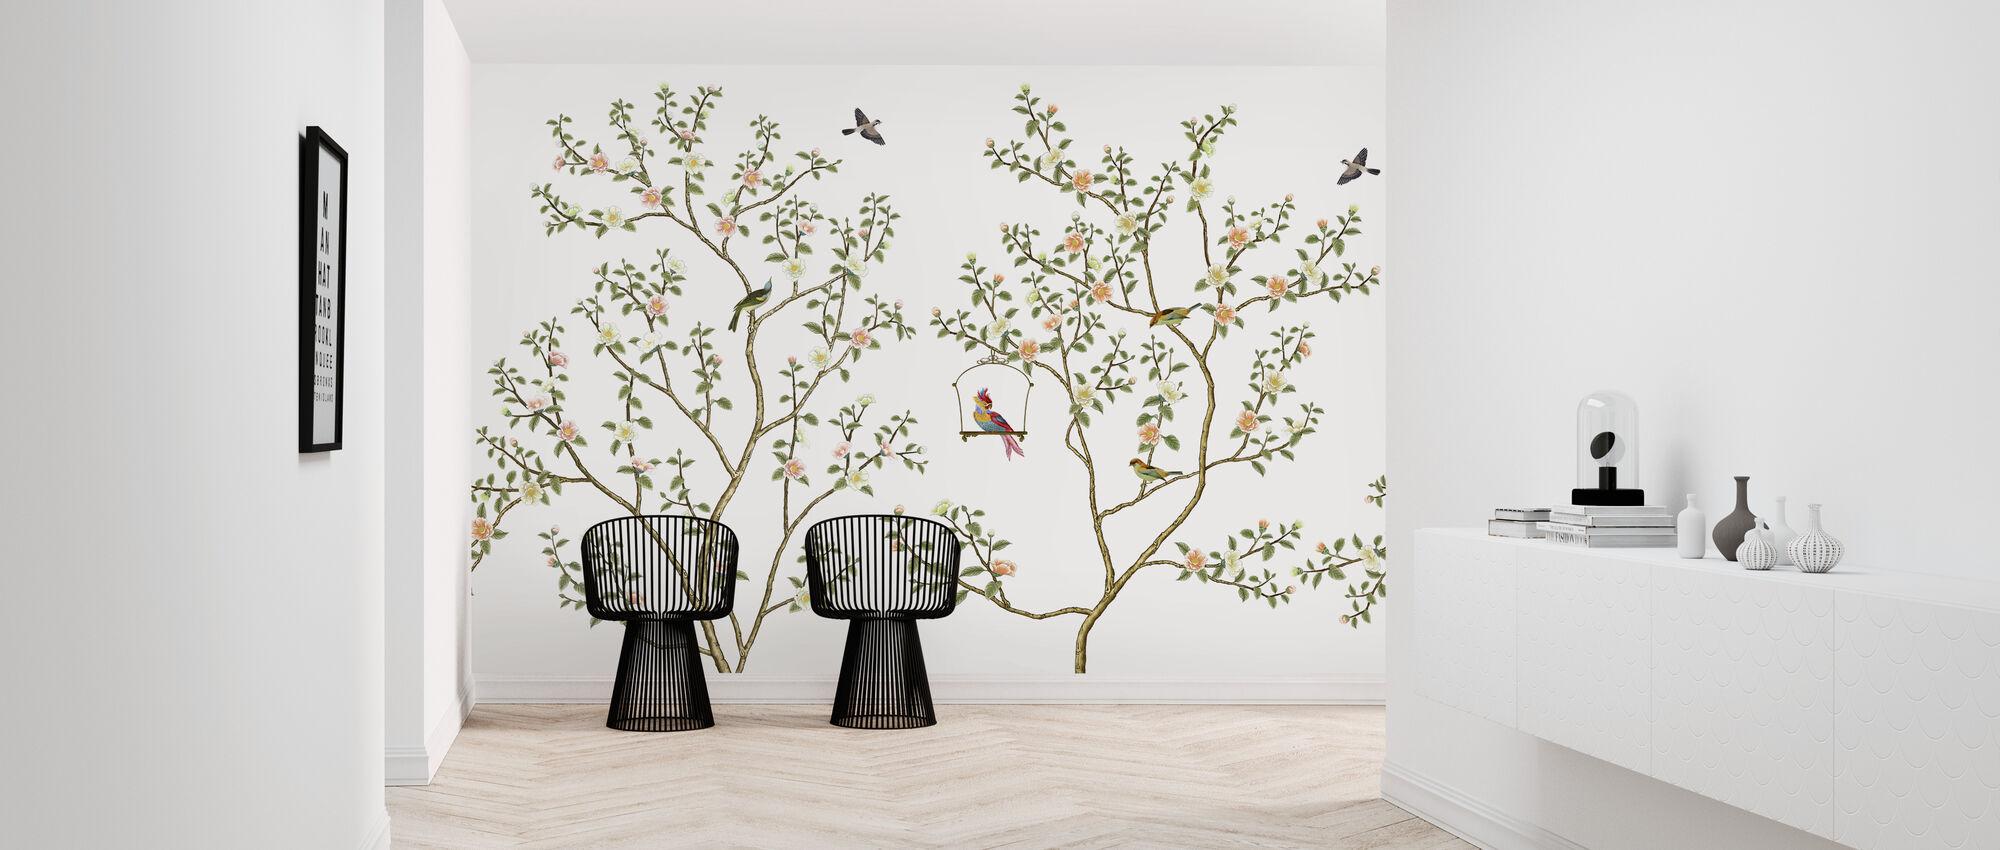 Birds Hangout - Wallpaper - Hallway